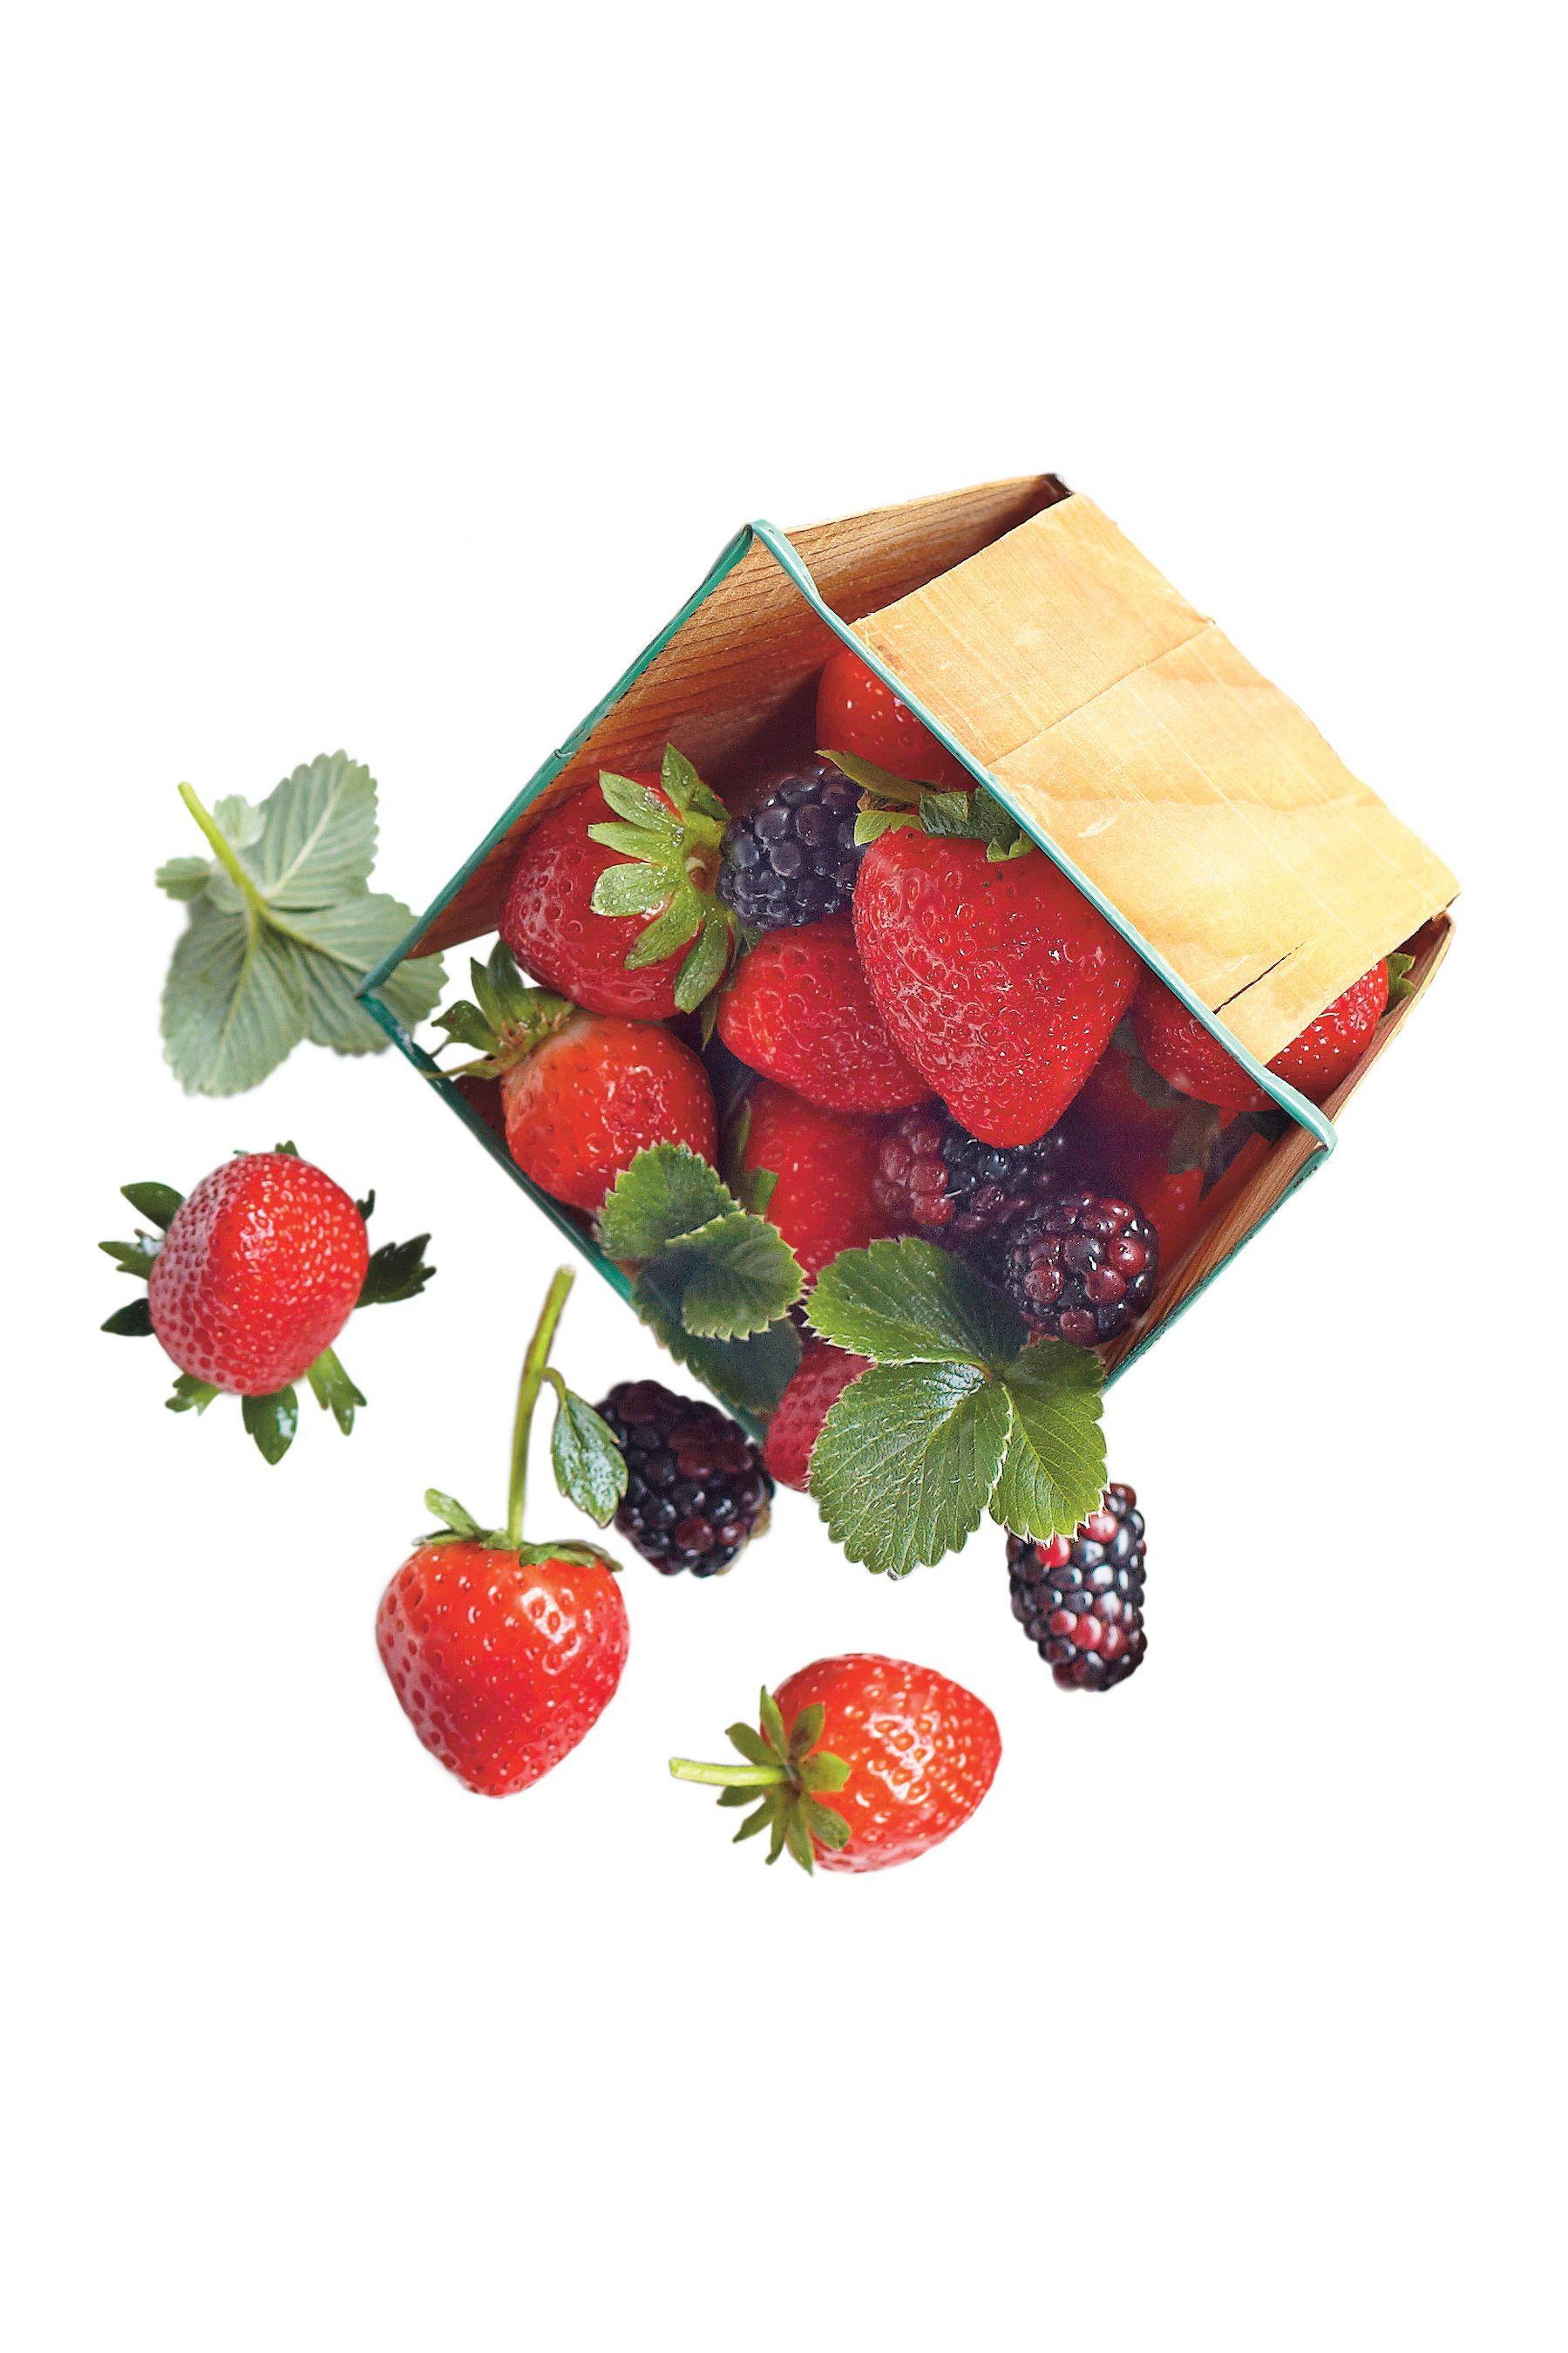 4 easy ways to freeze berries berries summer berries